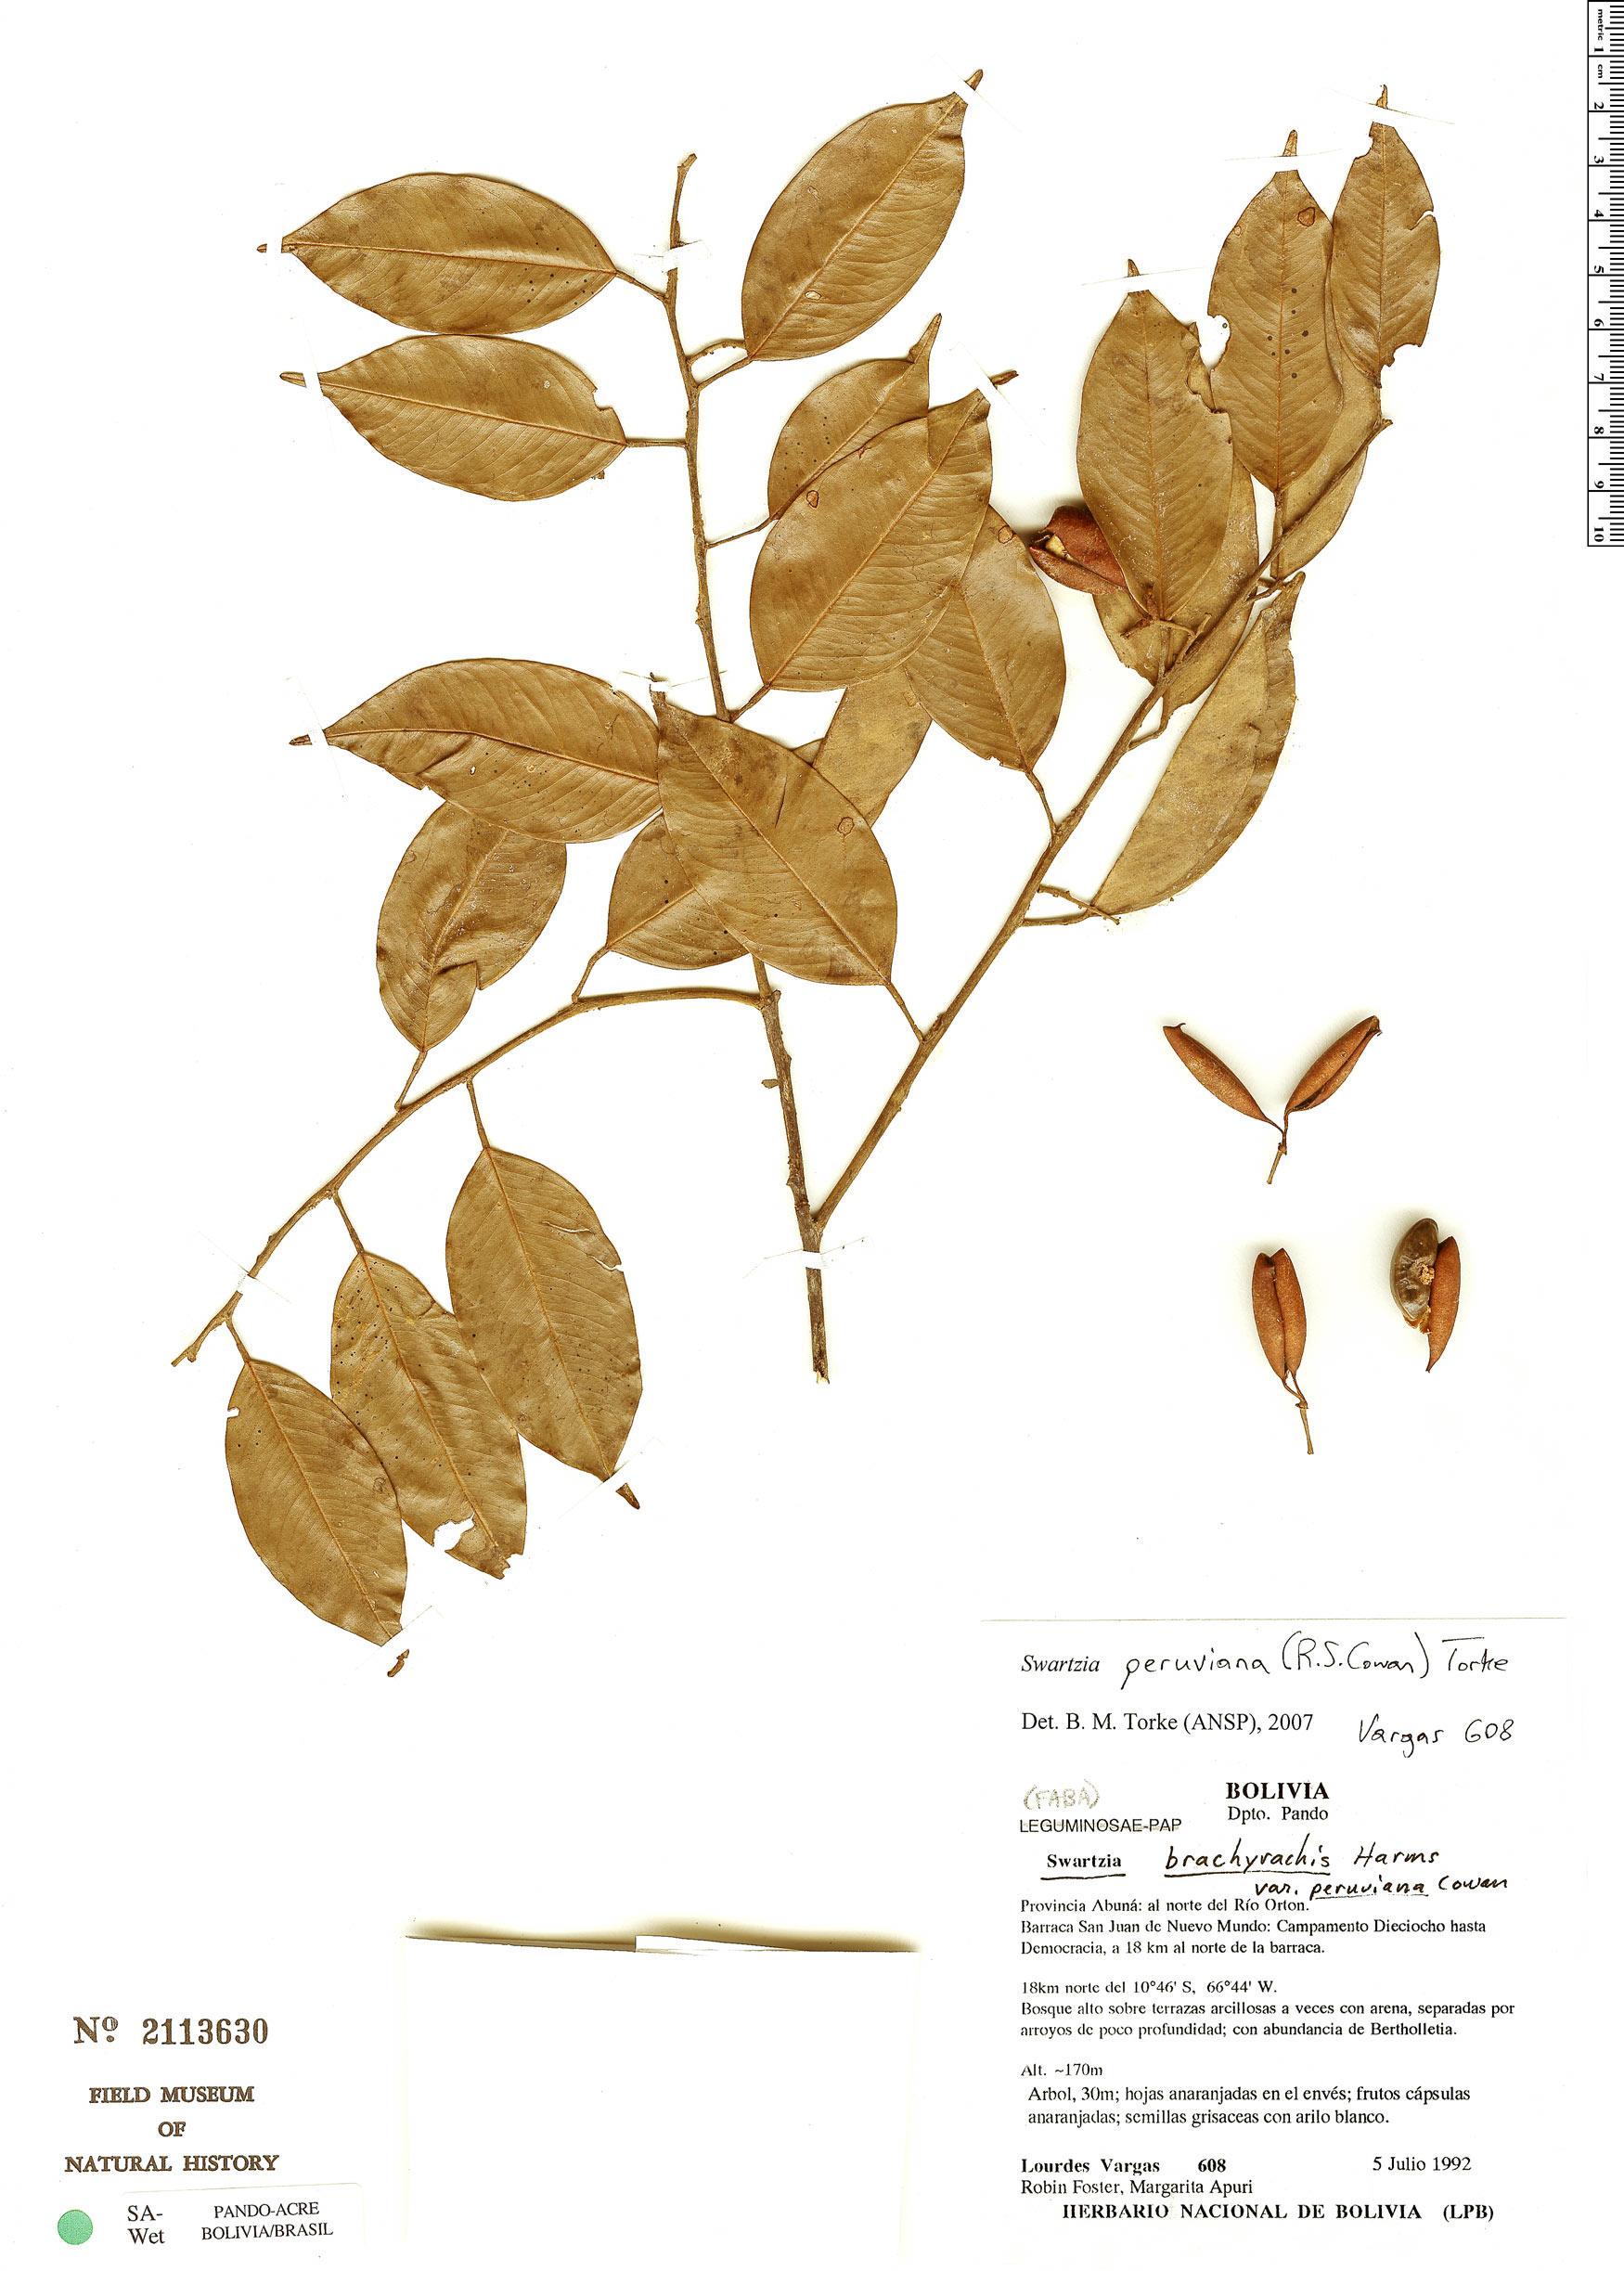 Specimen: Swartzia peruviana